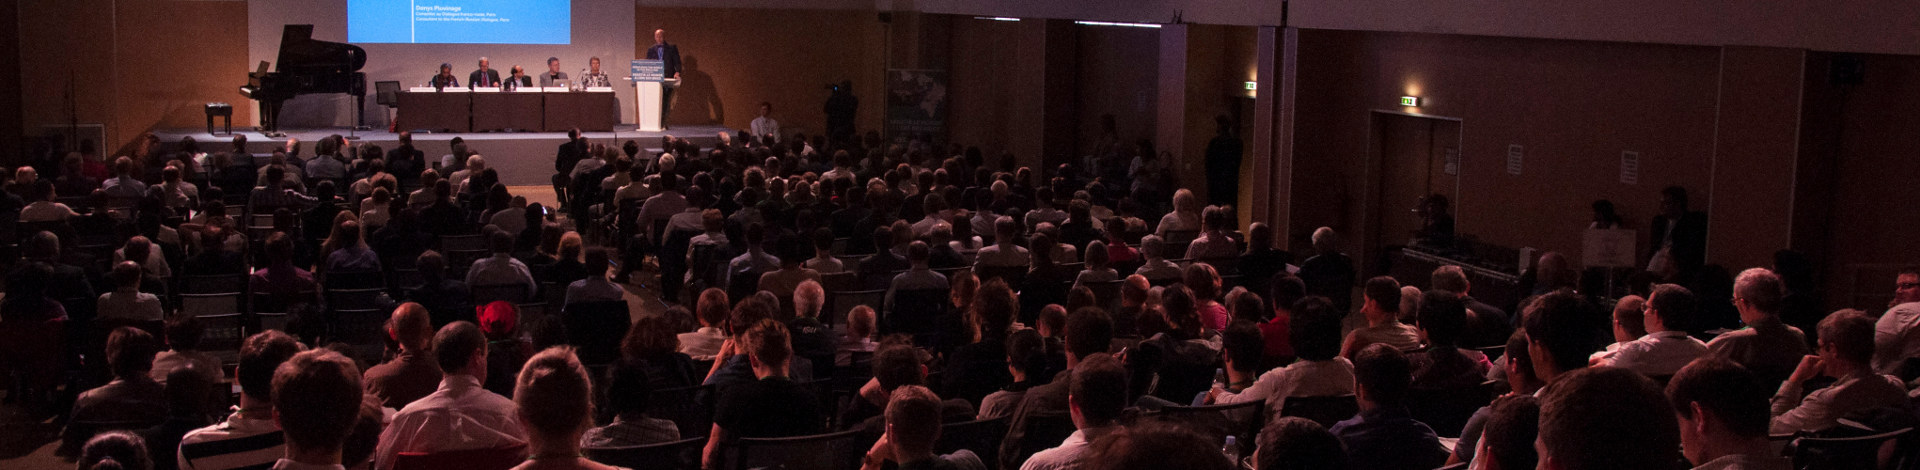 Conférence Paris 2015